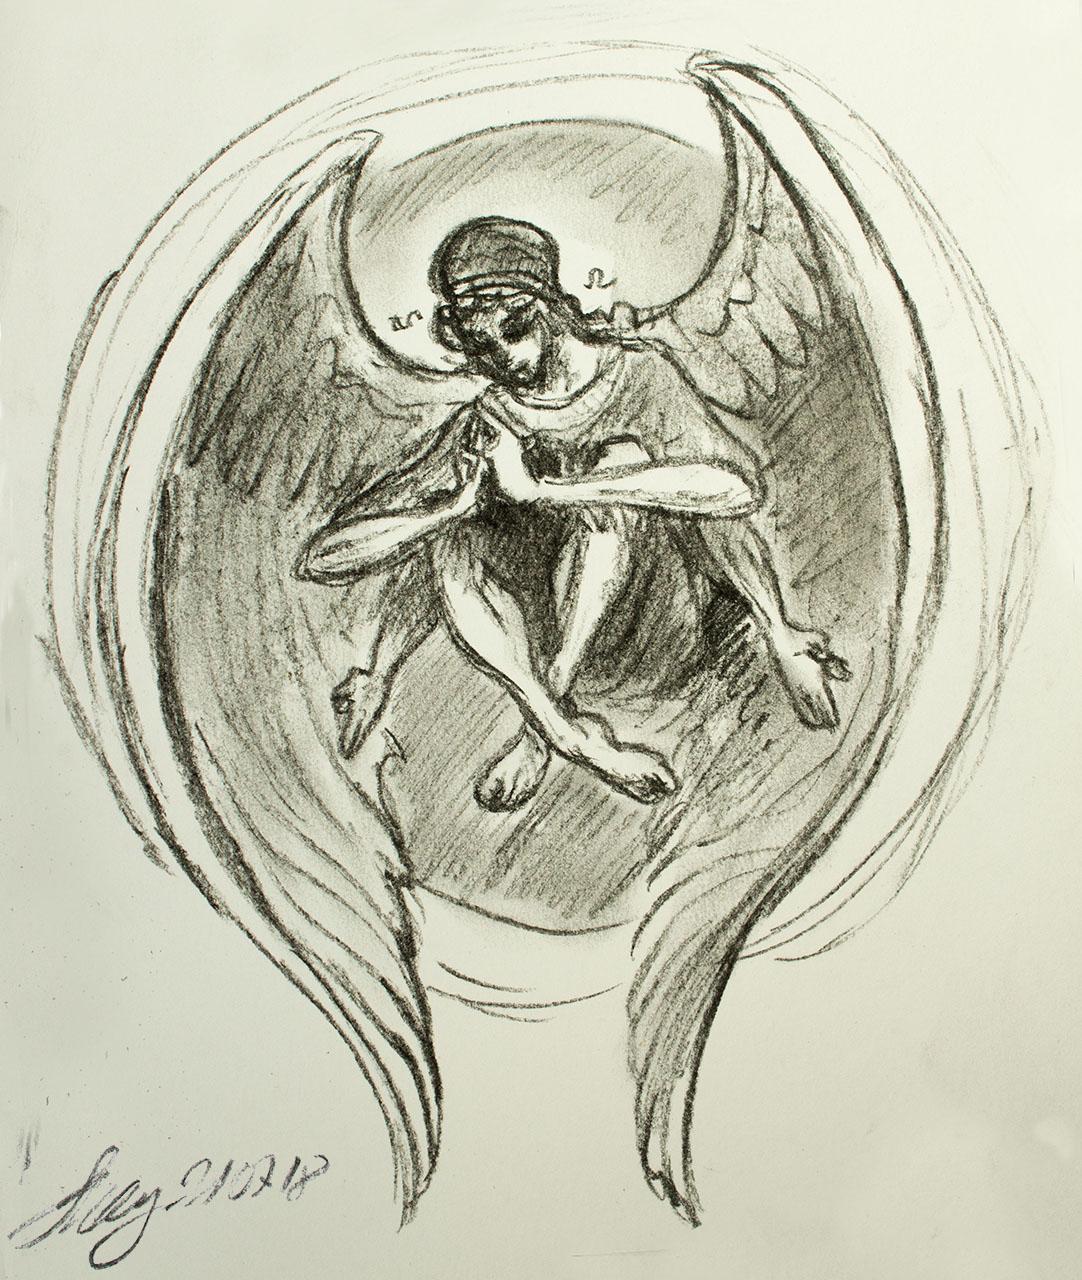 angelgravitator1280